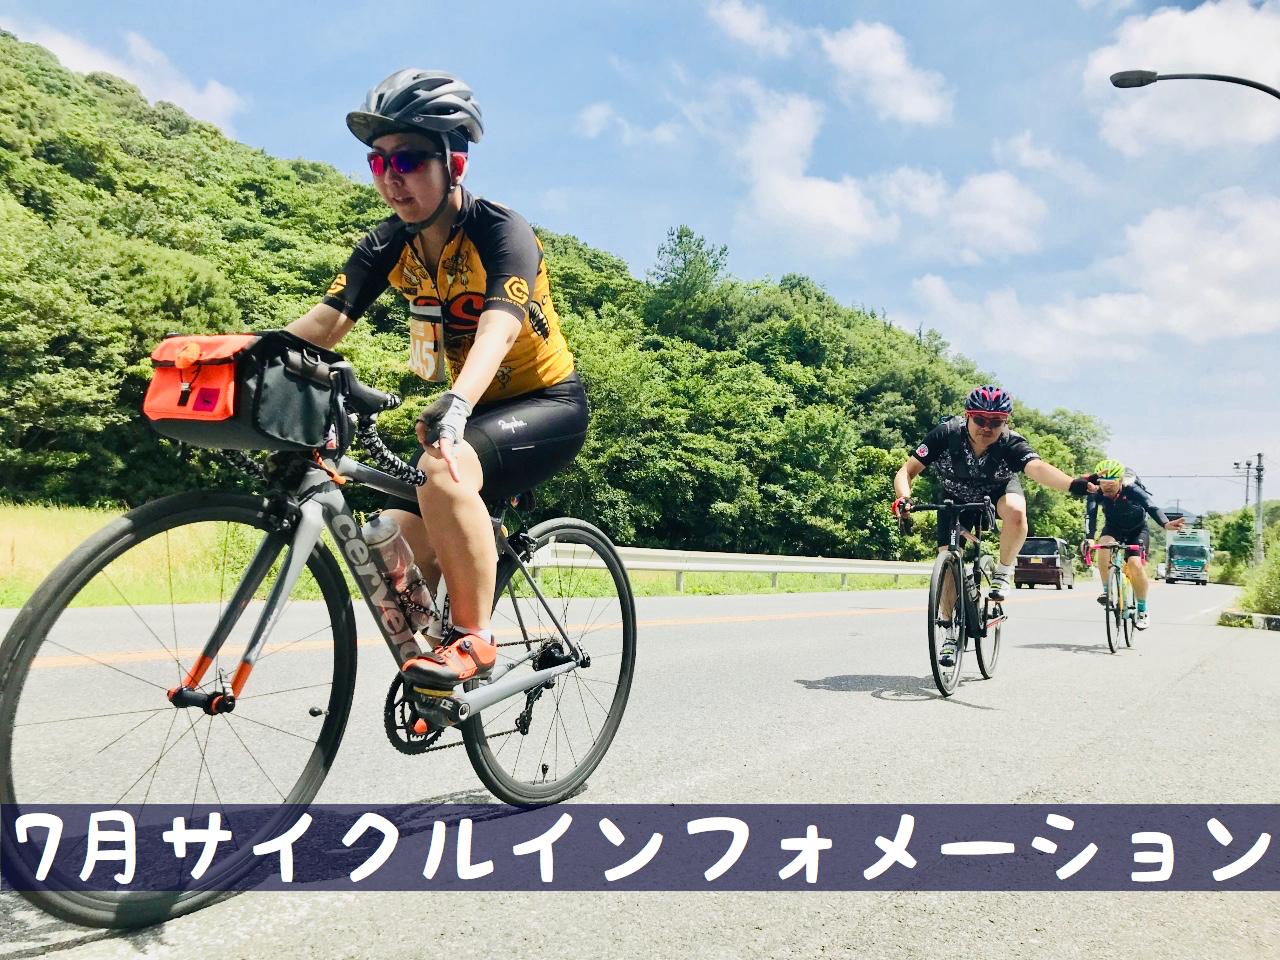 【7月サイクルインフォメーション】